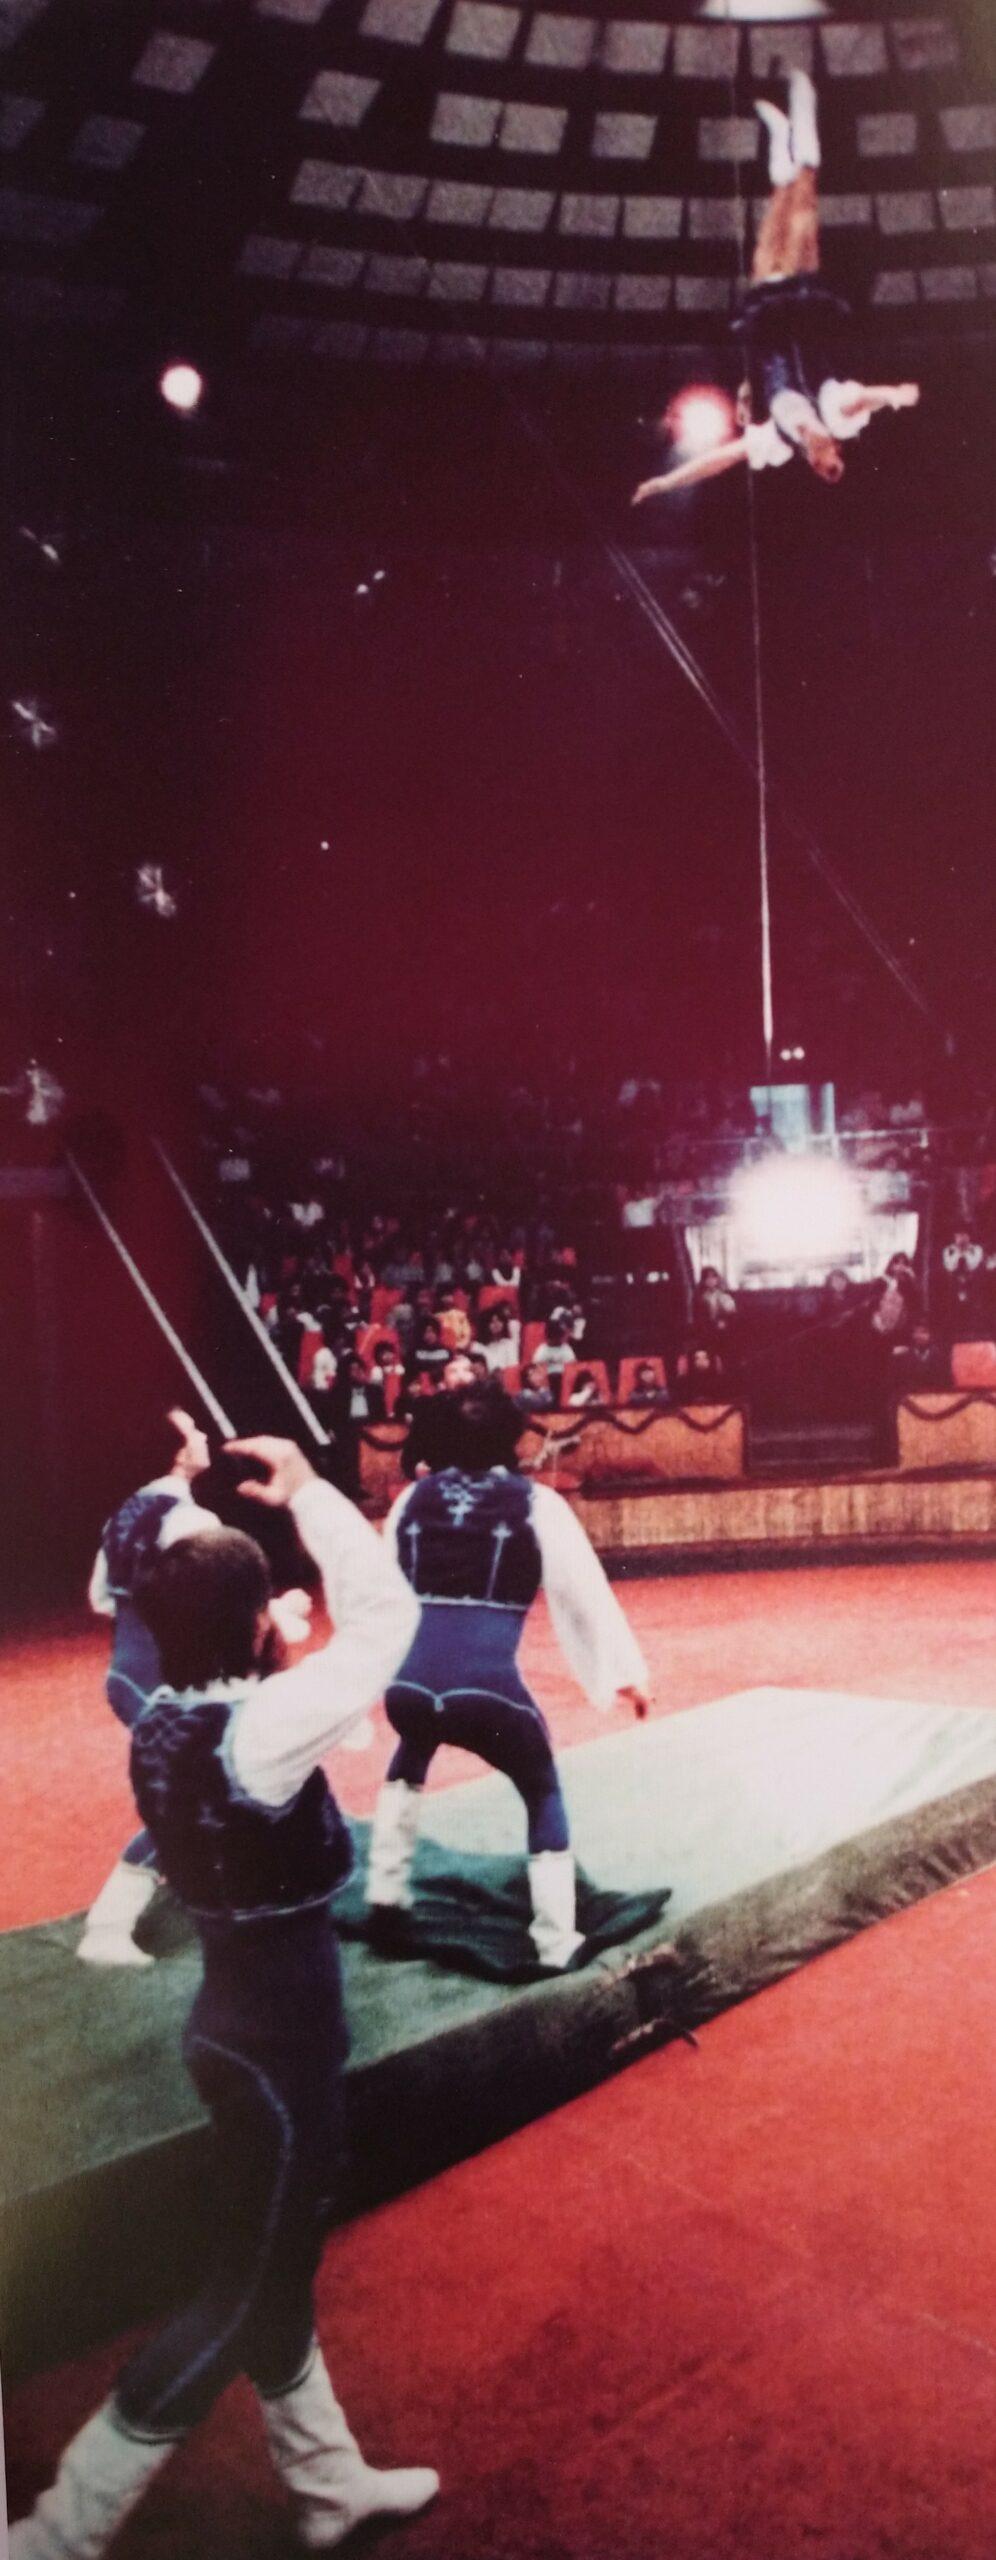 Jedlicska János a világhírű Dodi csoport hintaszámában is fellépett. Fotó: Cirkuszi Csodaemberek - Életútinterjúk cirkuszművészekkel 2. kötet.